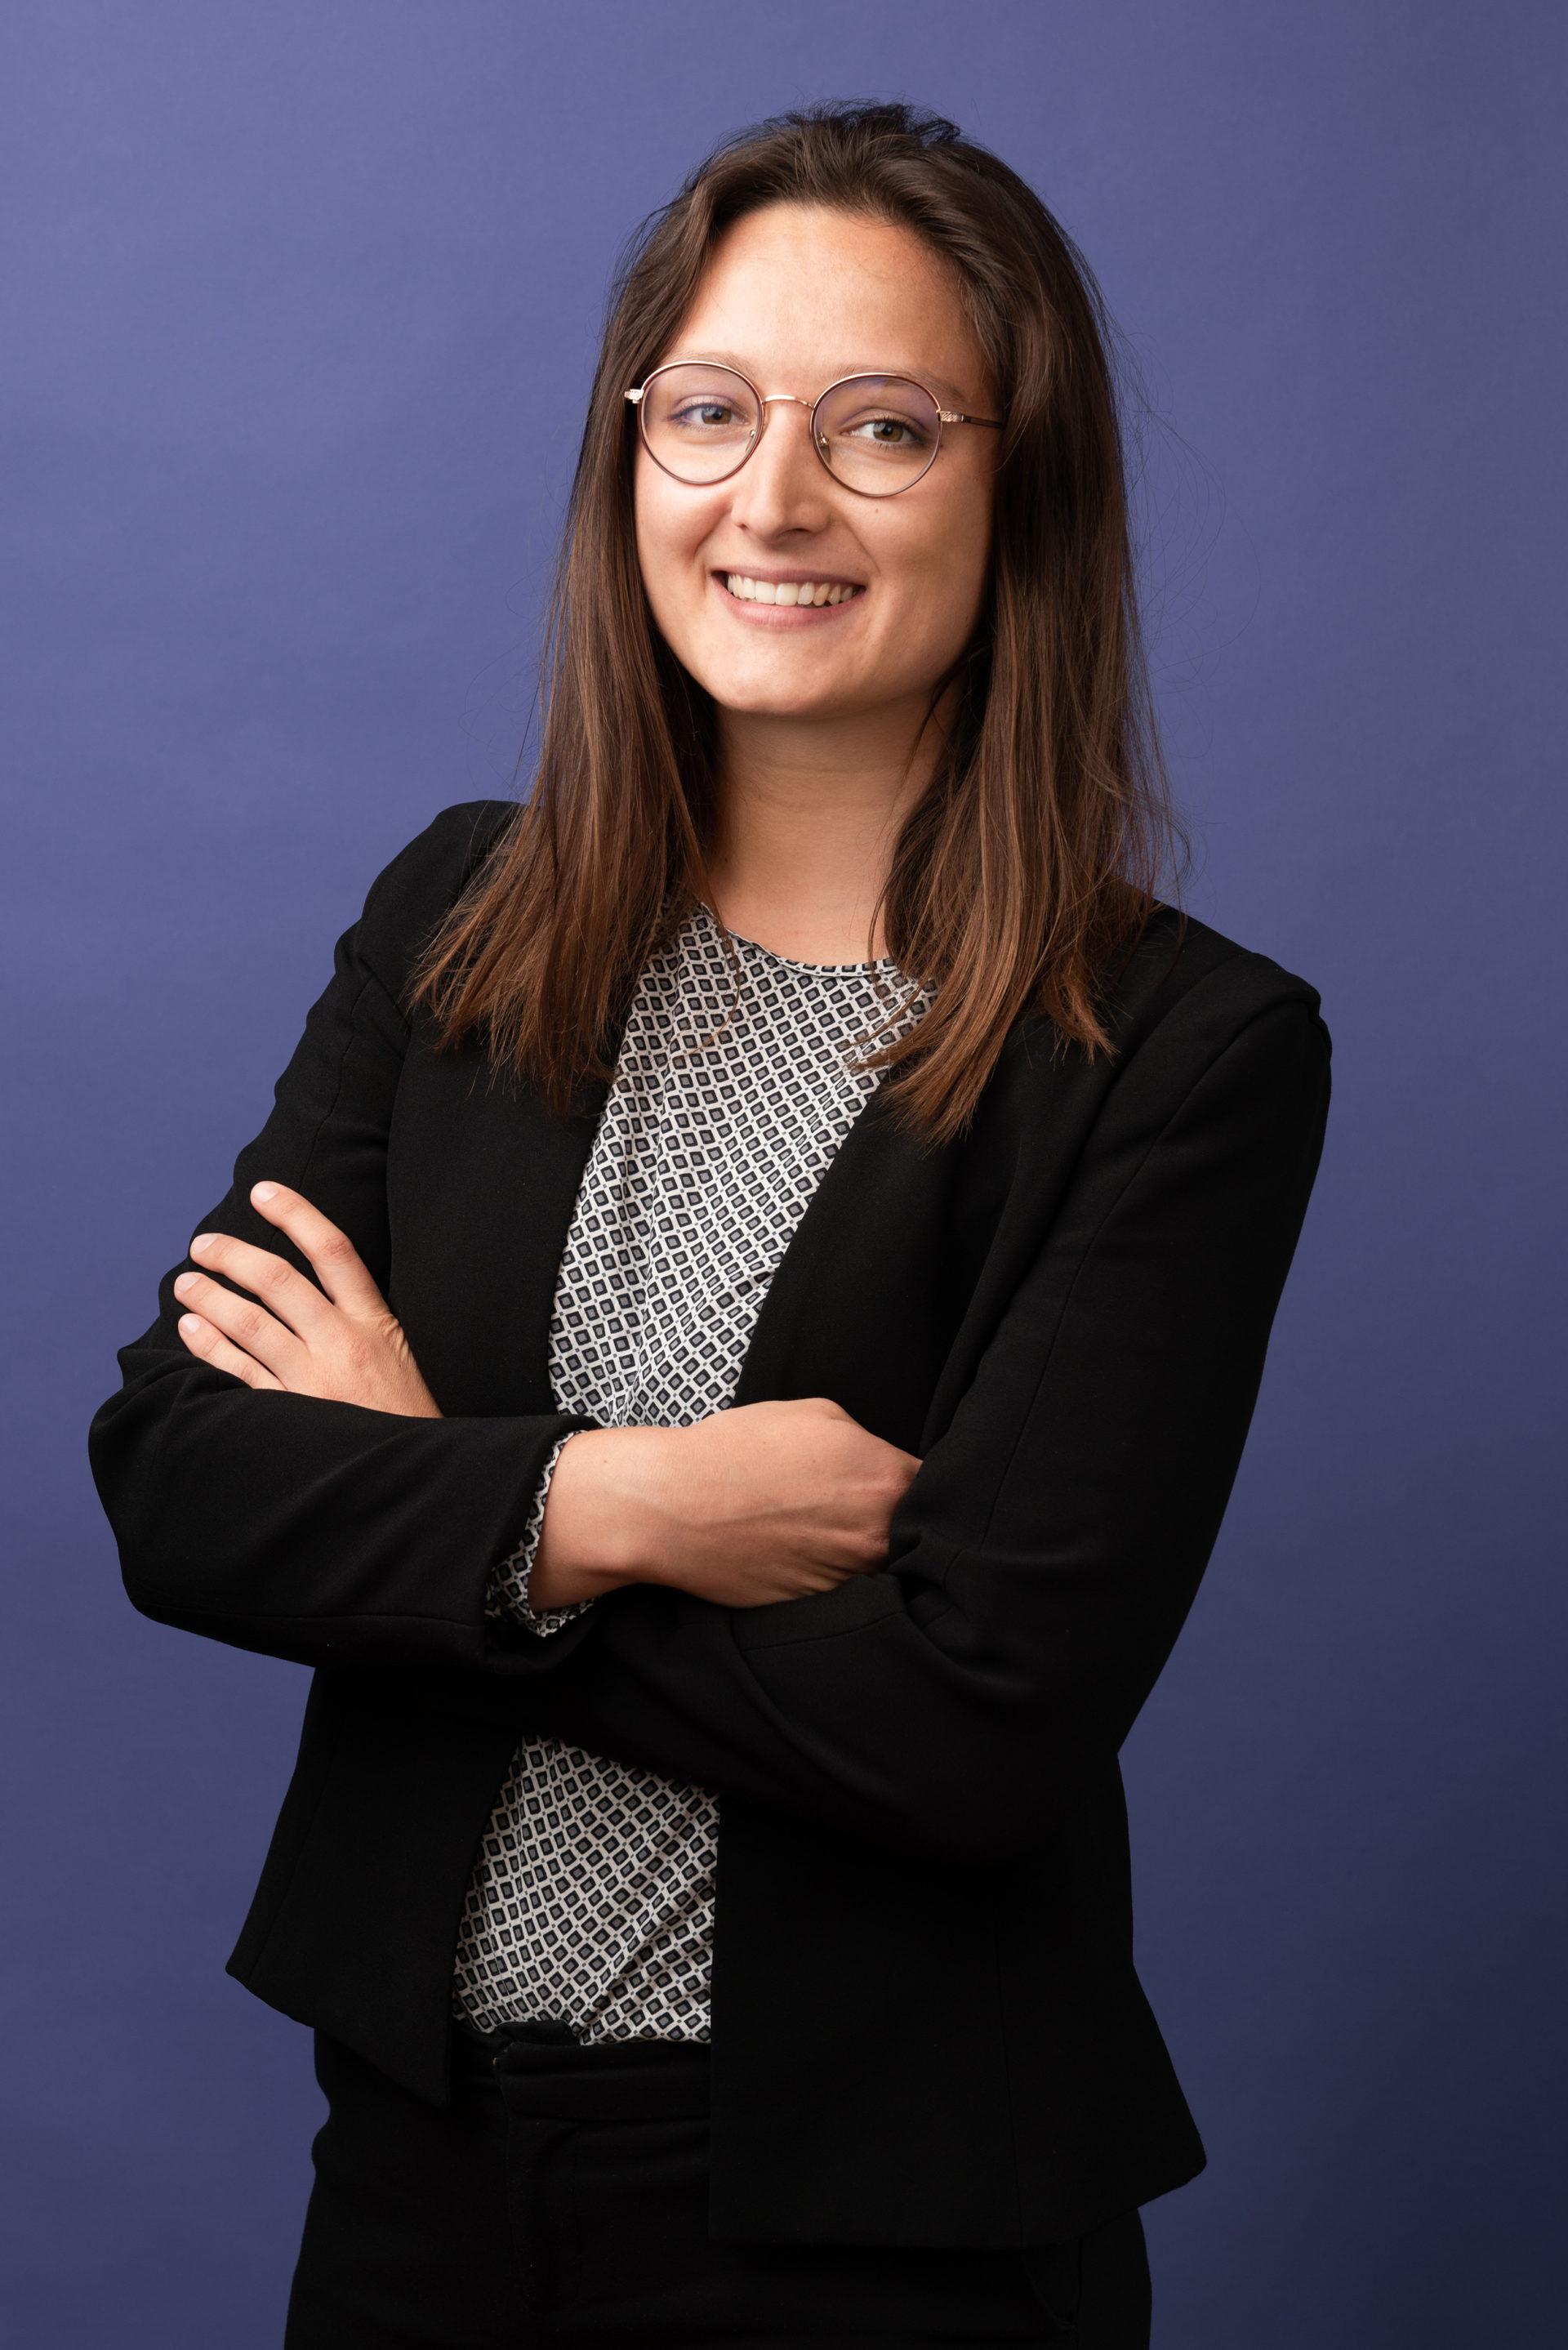 Juliette Gerlava